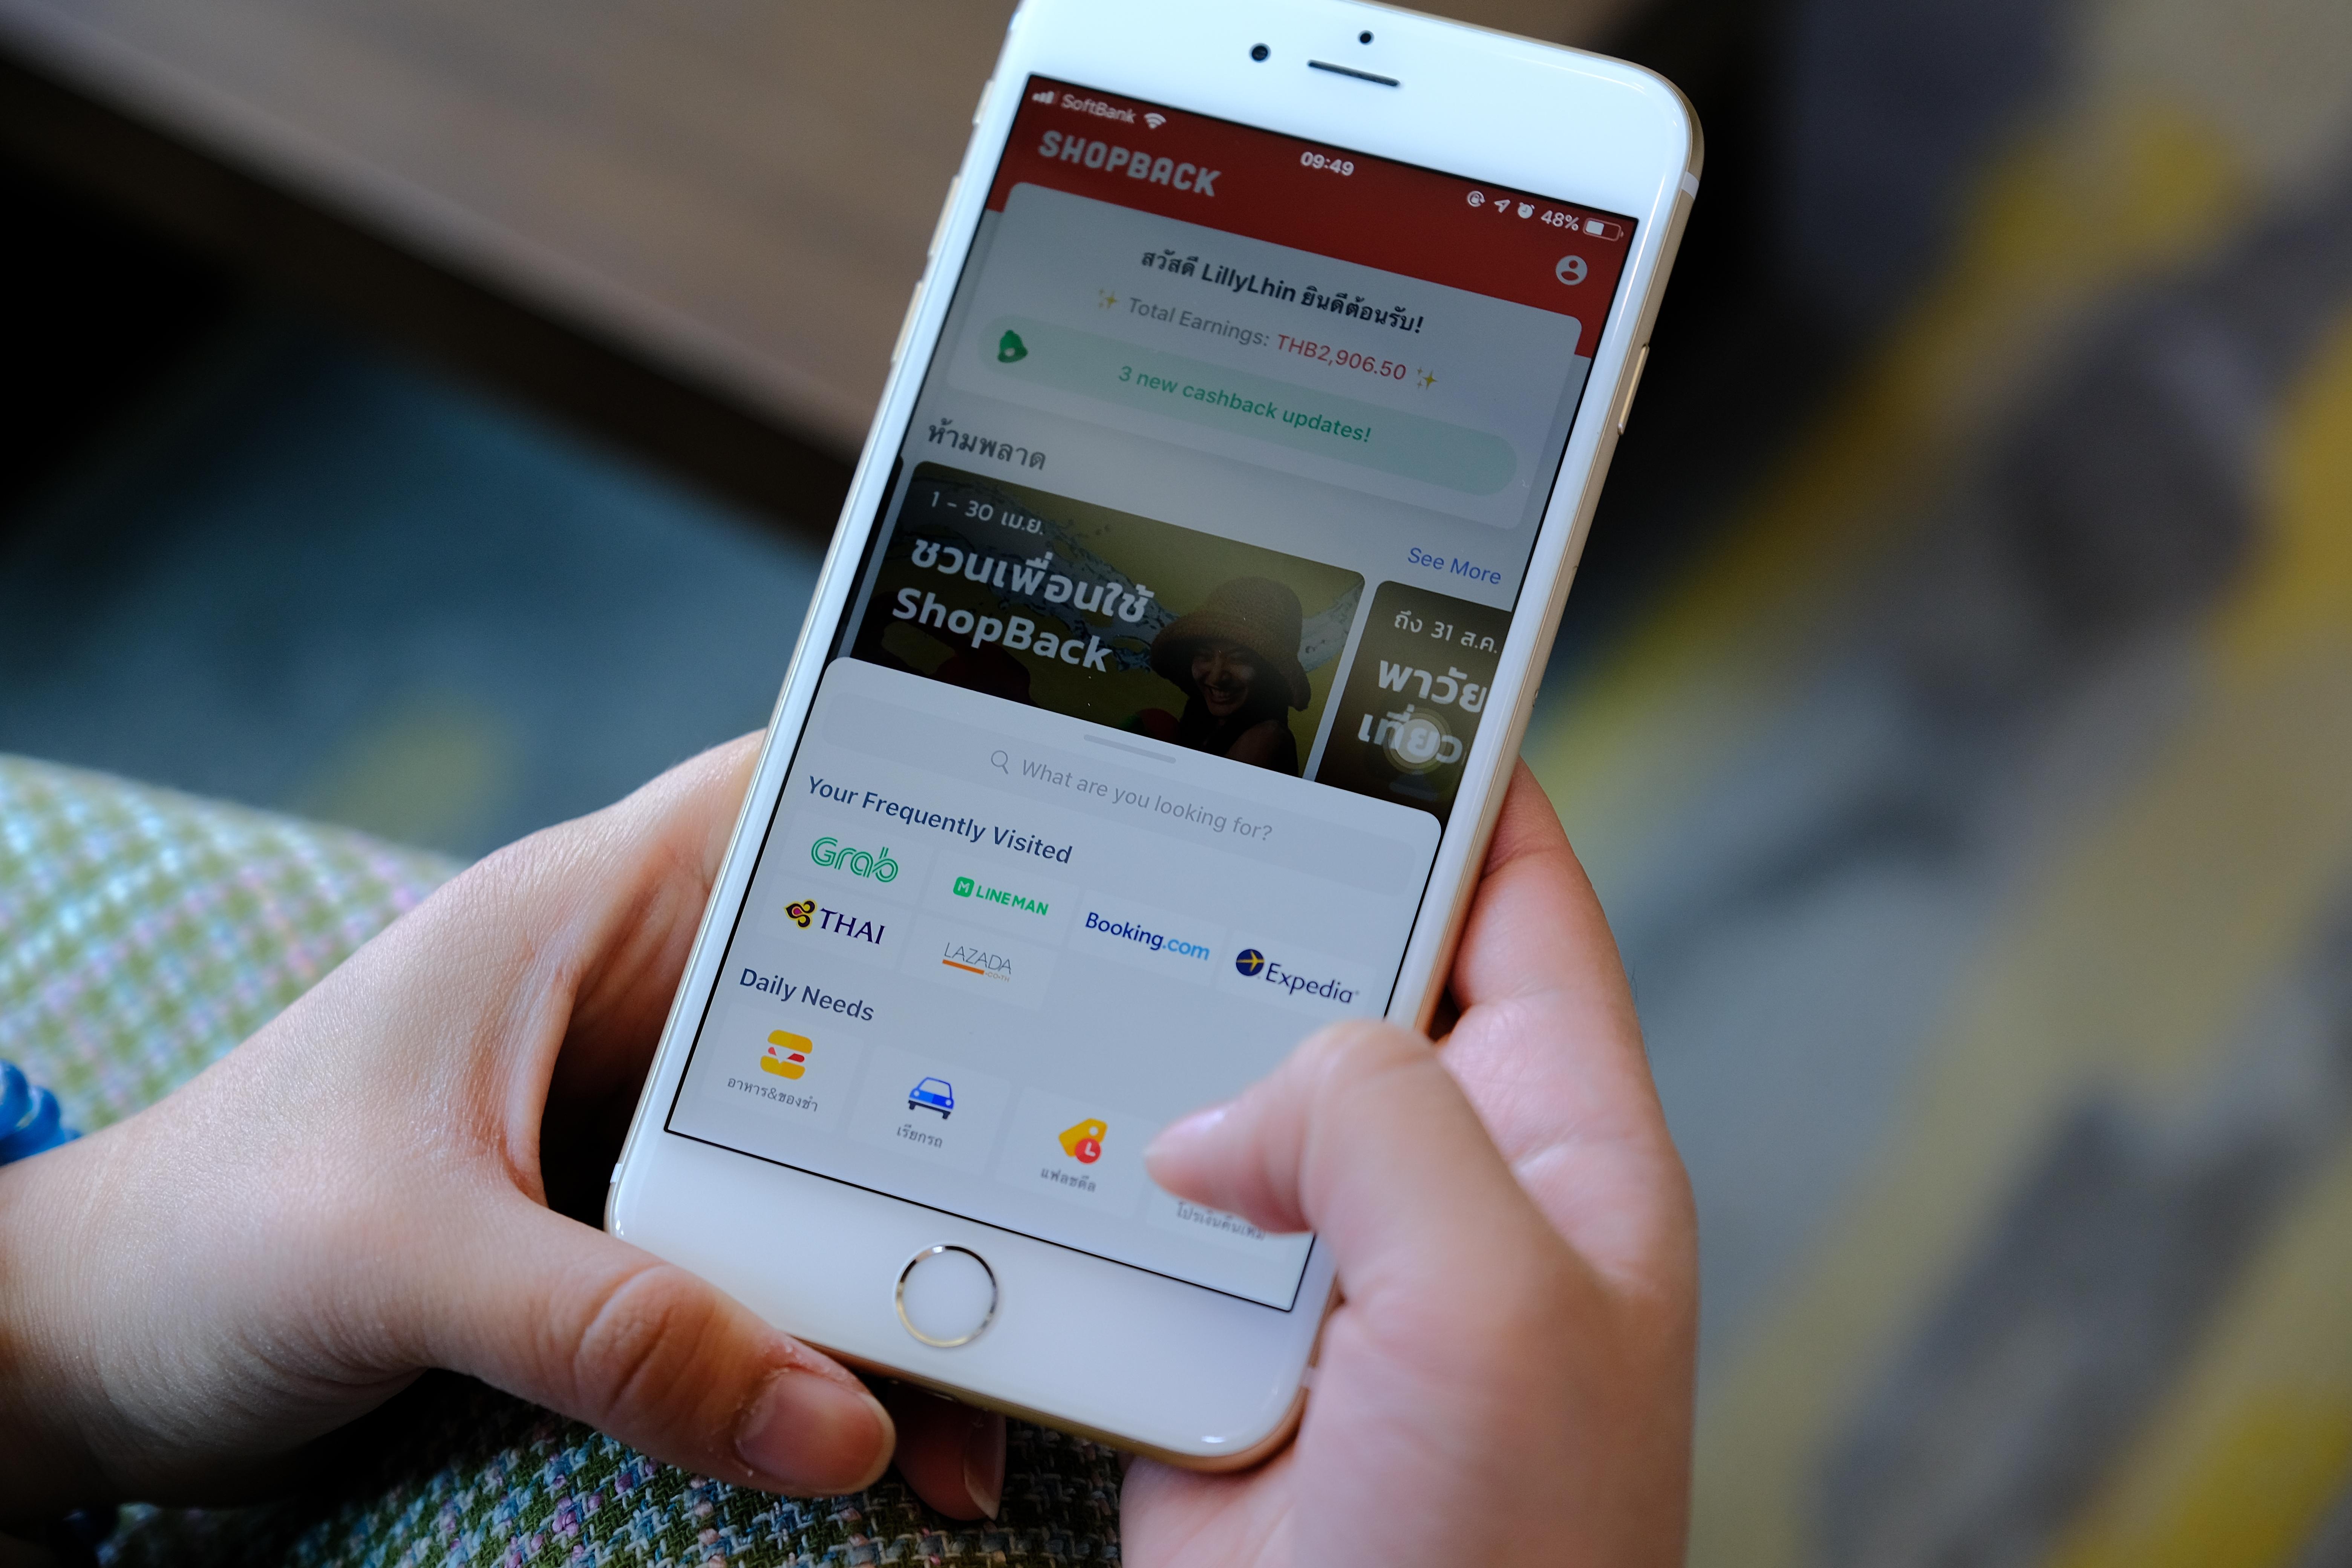 ShopBack ช้อปปิ้งออนไลน์ เงินคืน ShopBack คือ ช้อปปิ้งออนไลน์ ซื้อของออนไลน์ วิธีประหยัดเงิน ช้อปออนไลน์